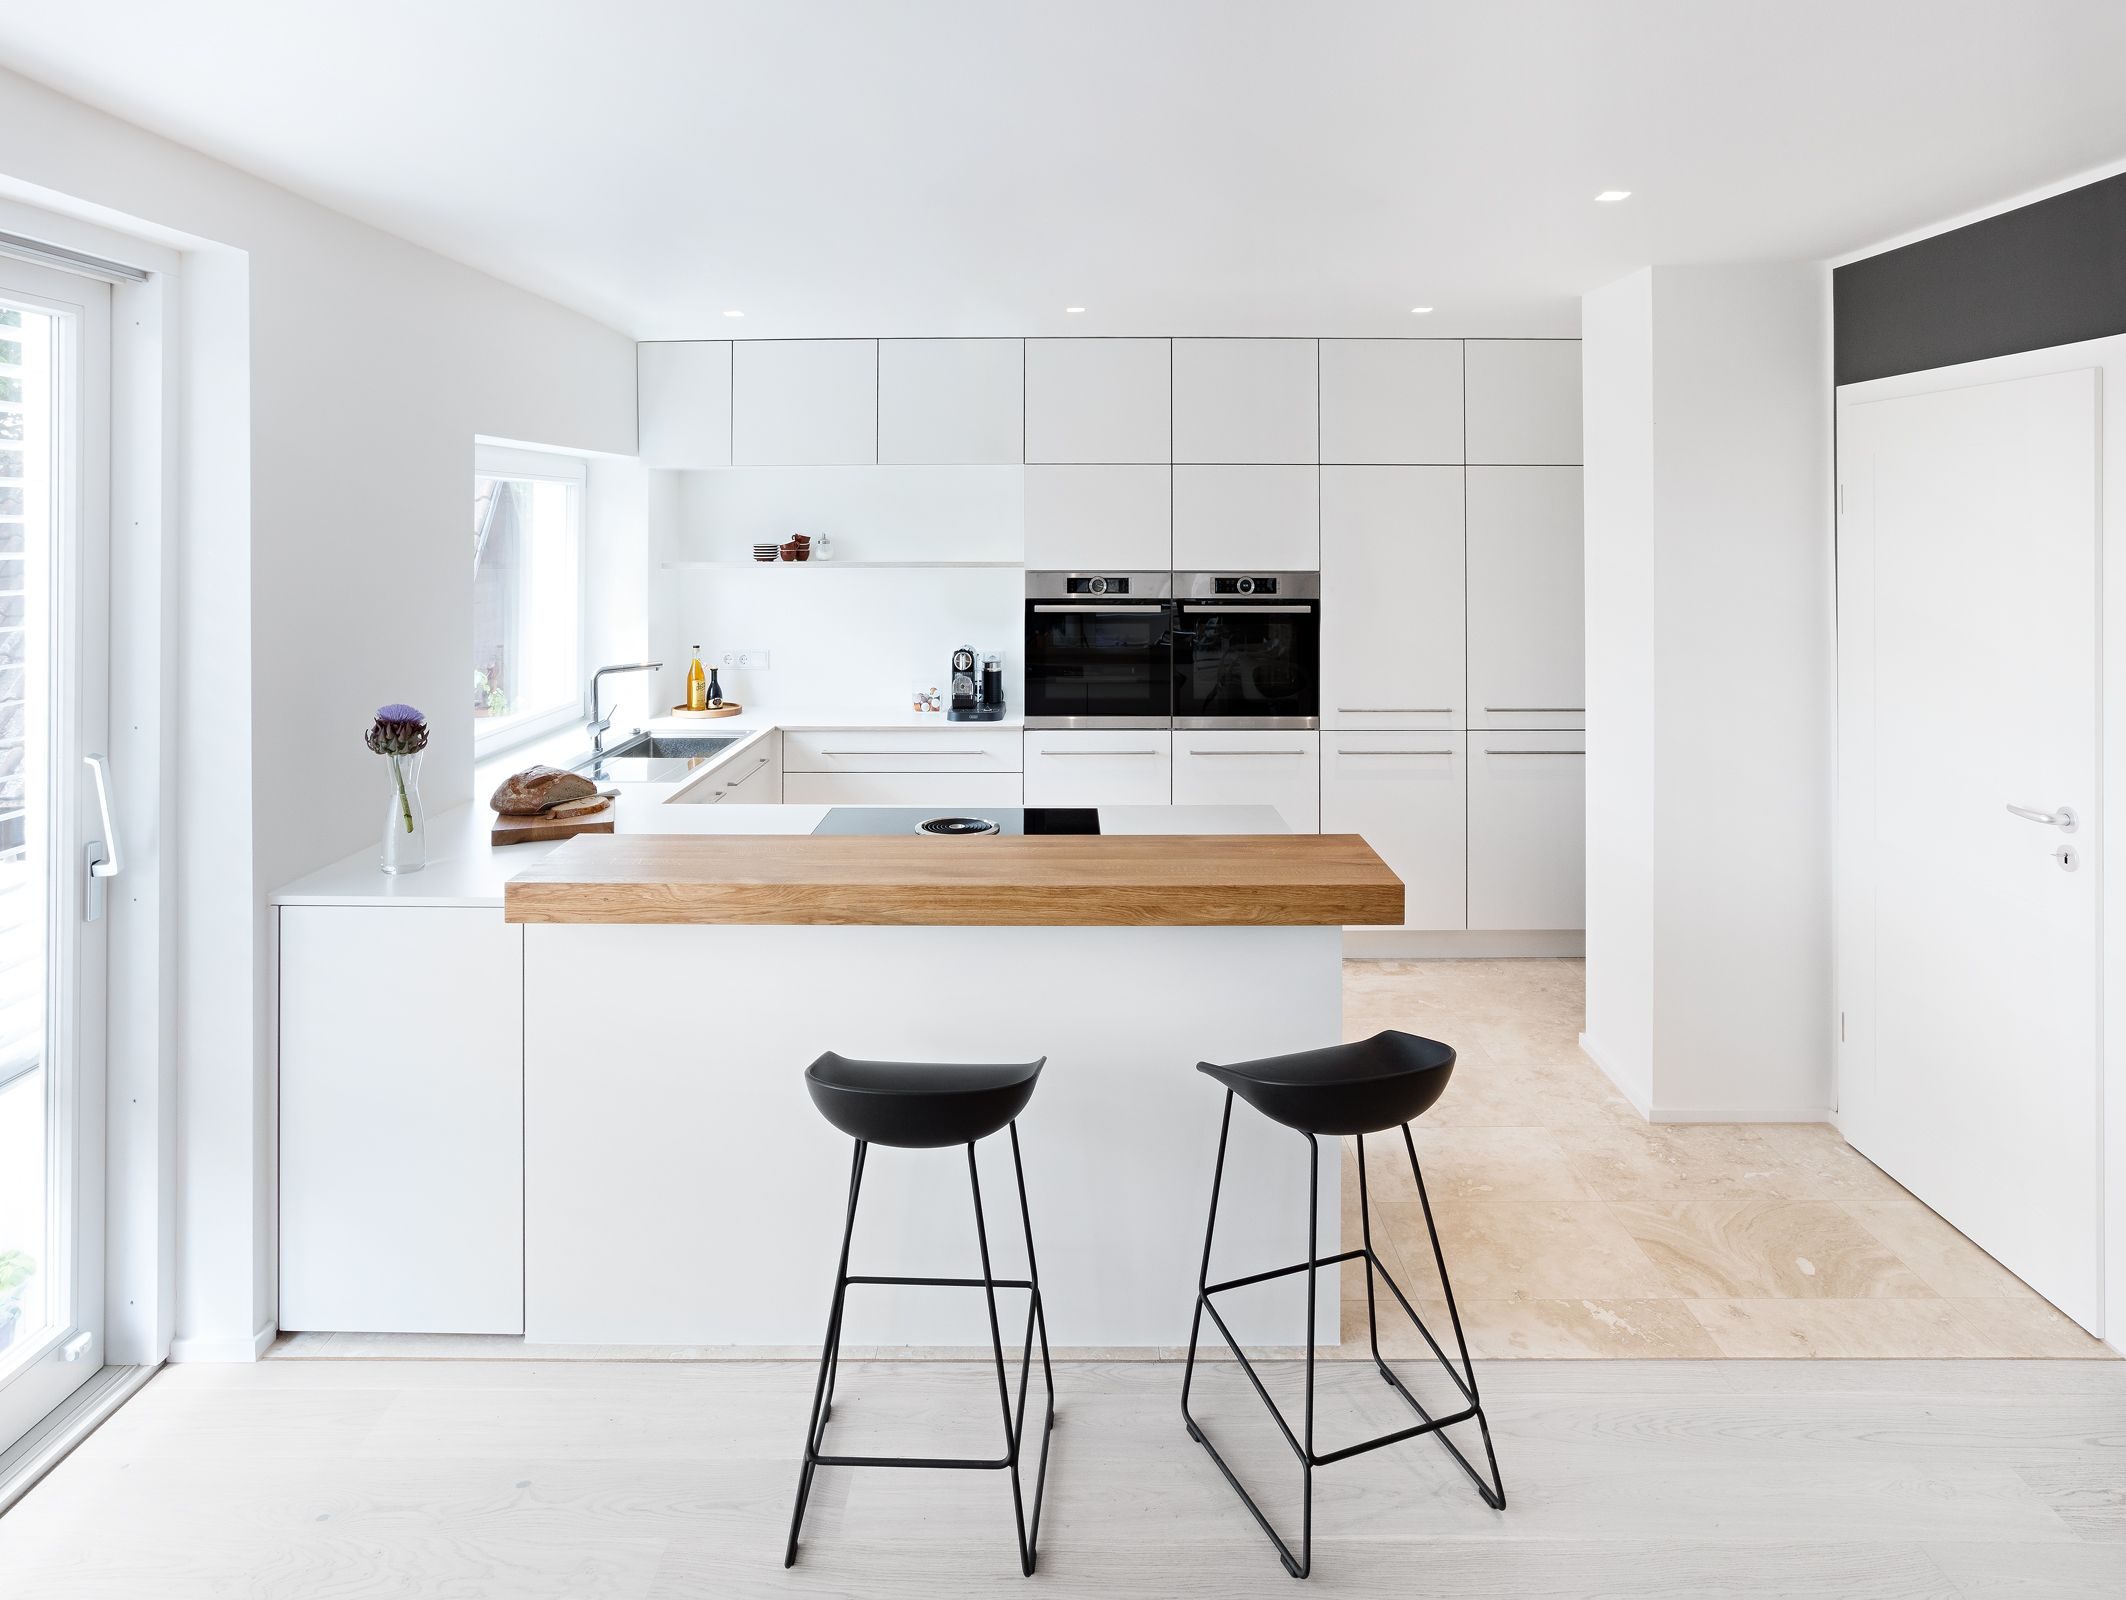 Tolle Senior Kücheentwerfer Jobs Yorkshire Galerie - Ideen Für Die ...